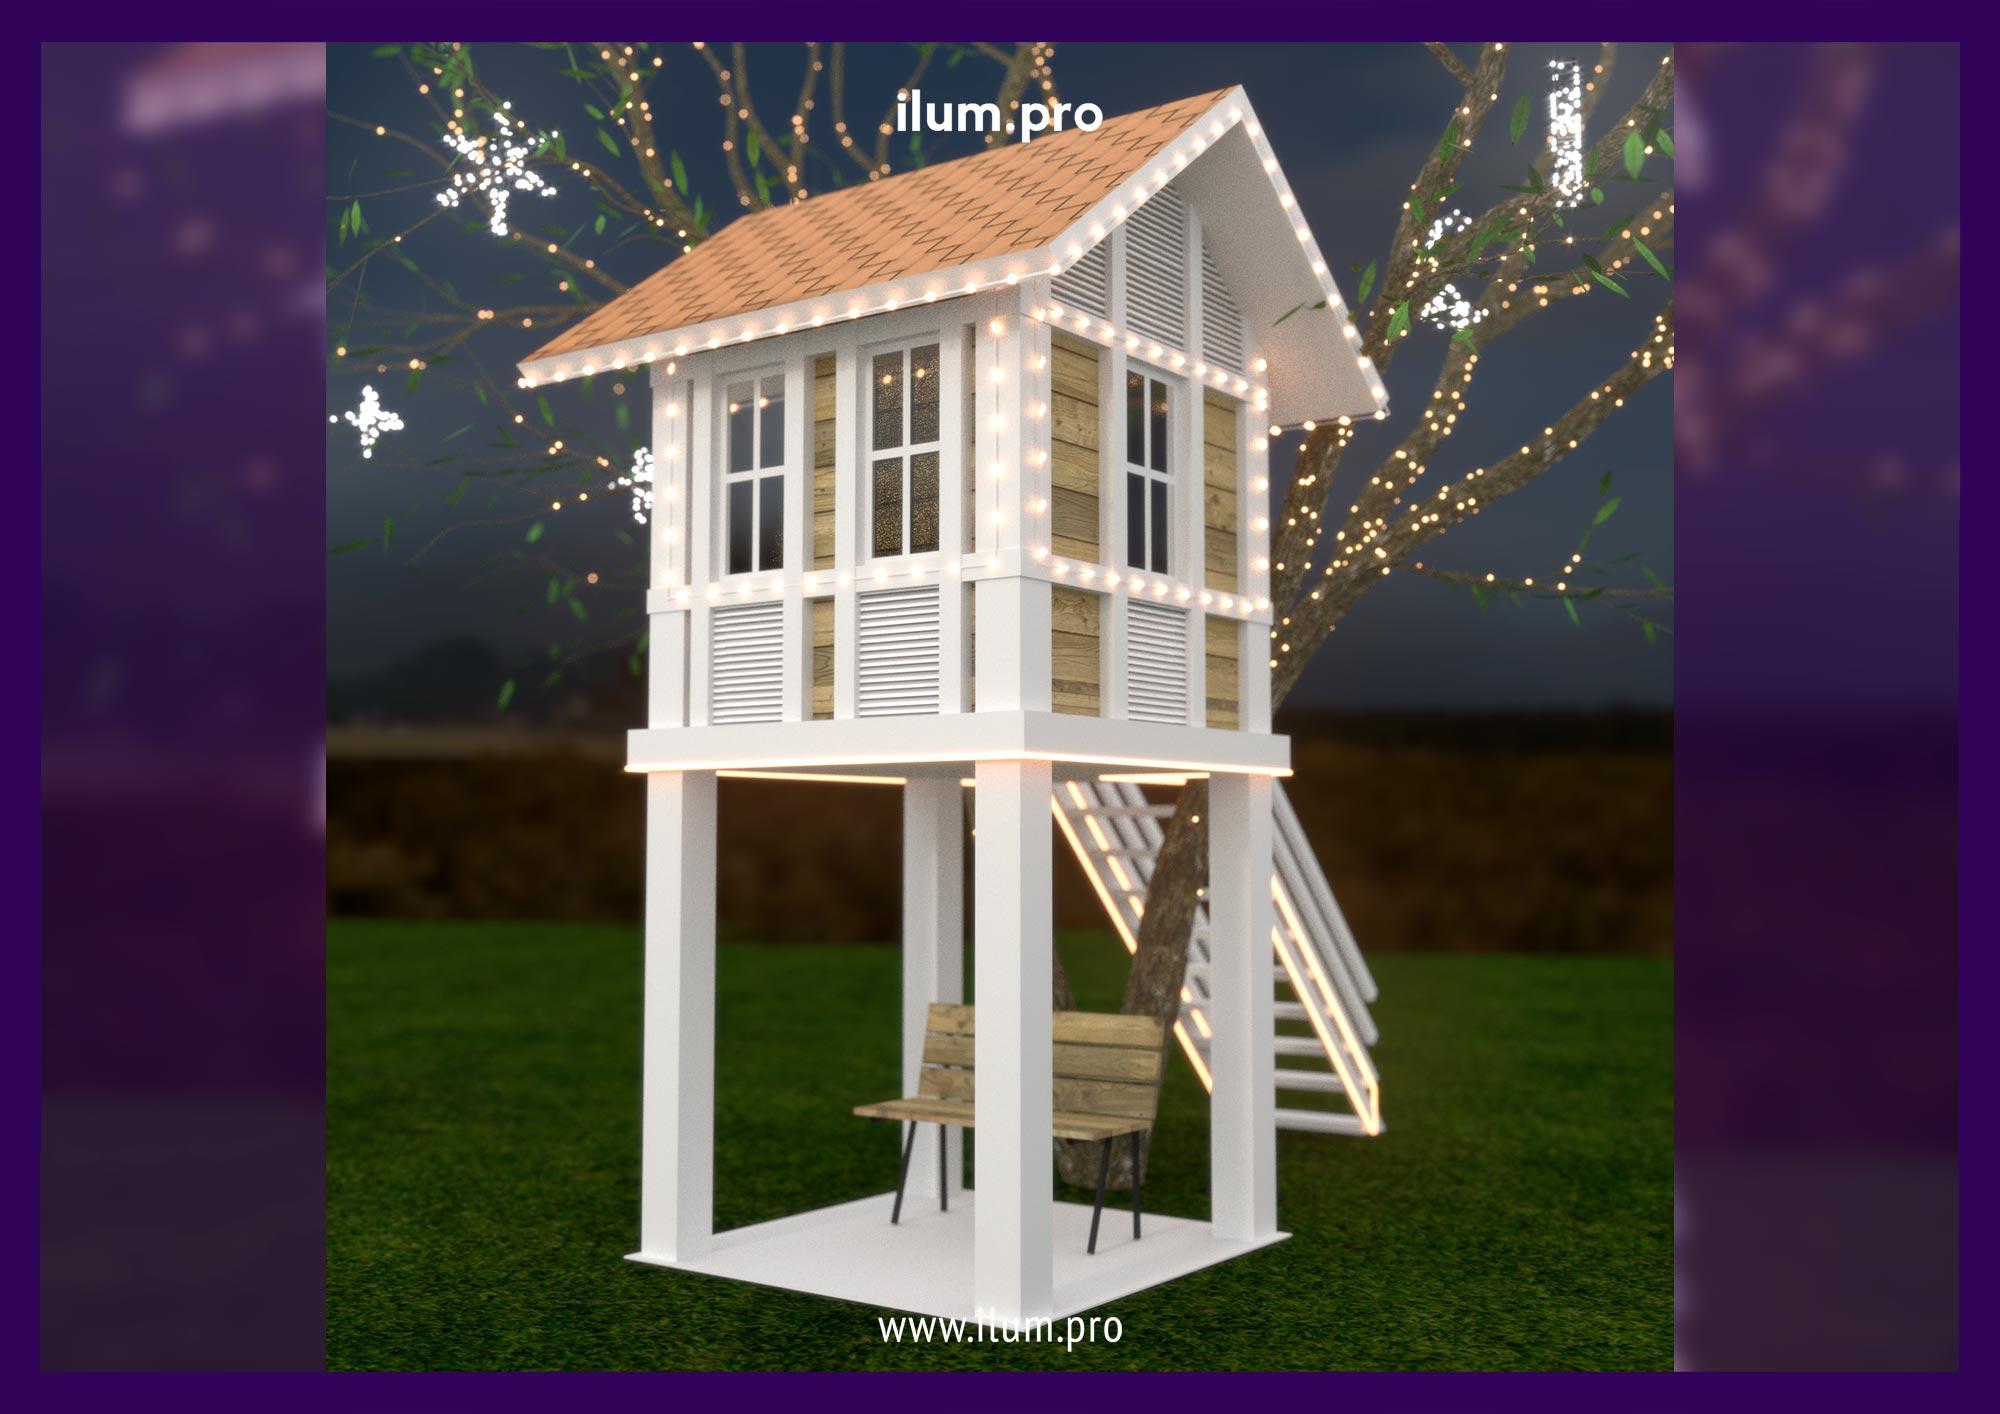 Проект подсветки детского домика на дереве гирляндами